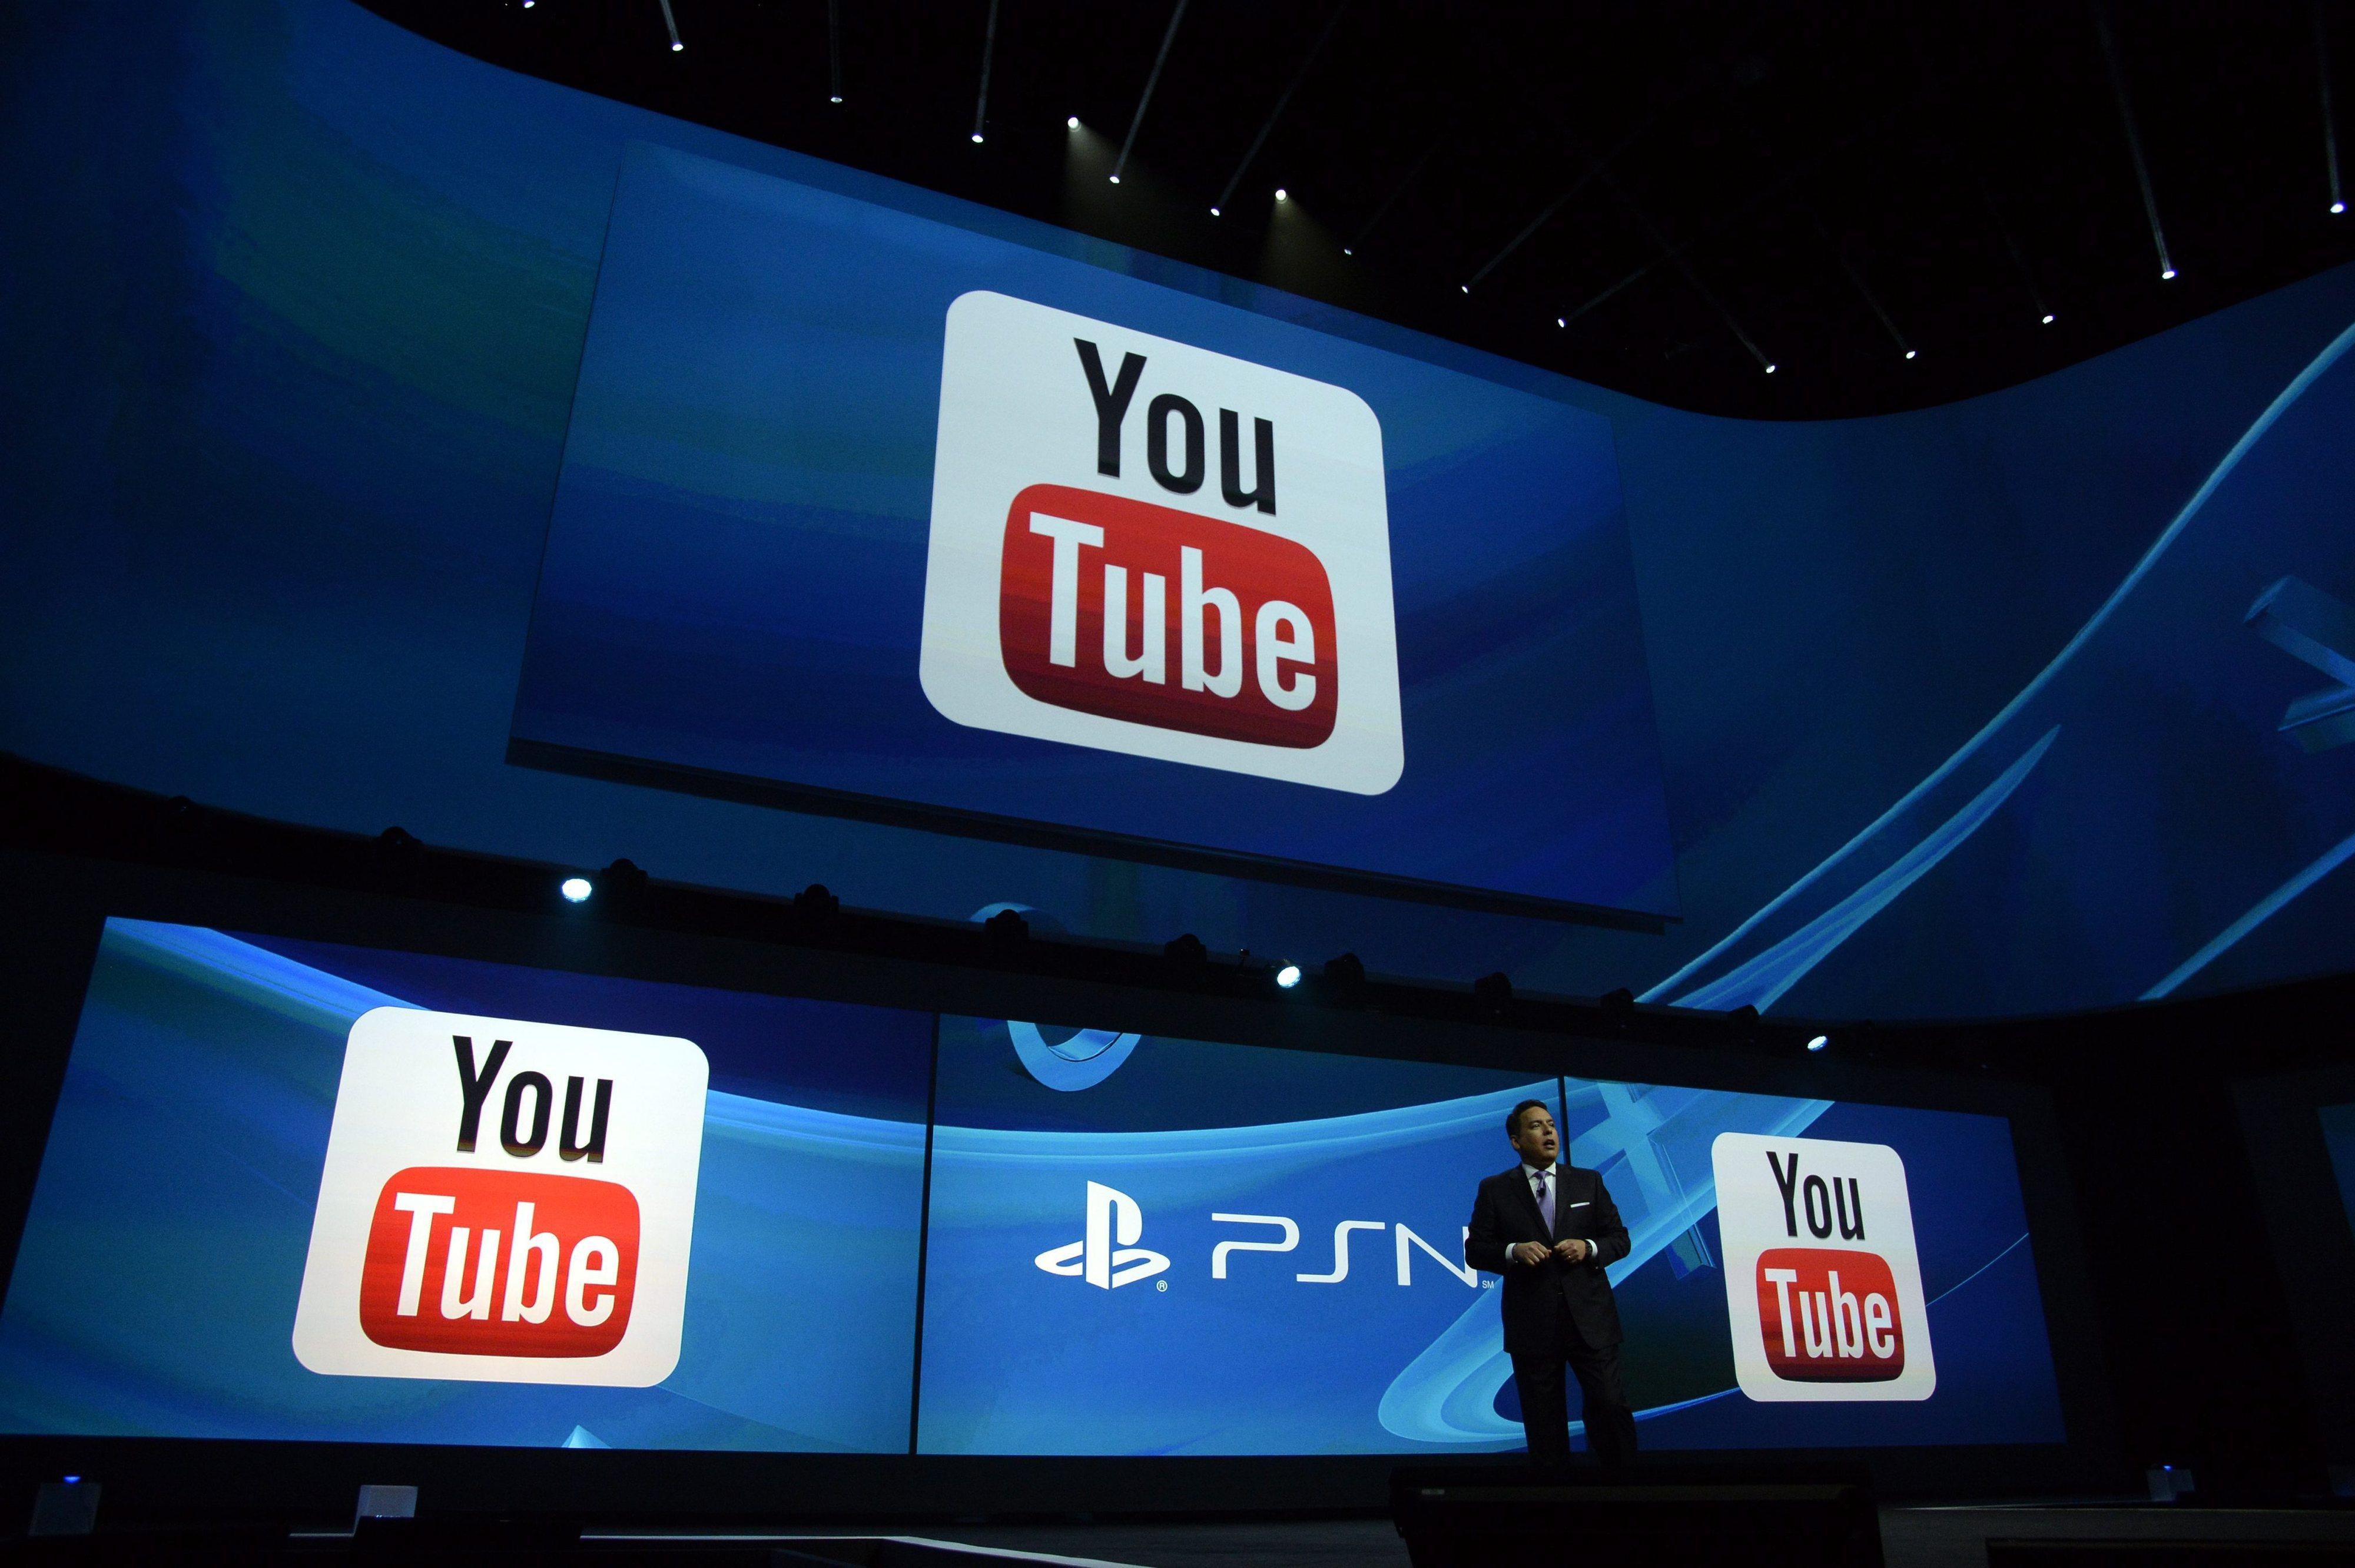 YouTube elimina 8 milhões de vídeos do site em 3 meses